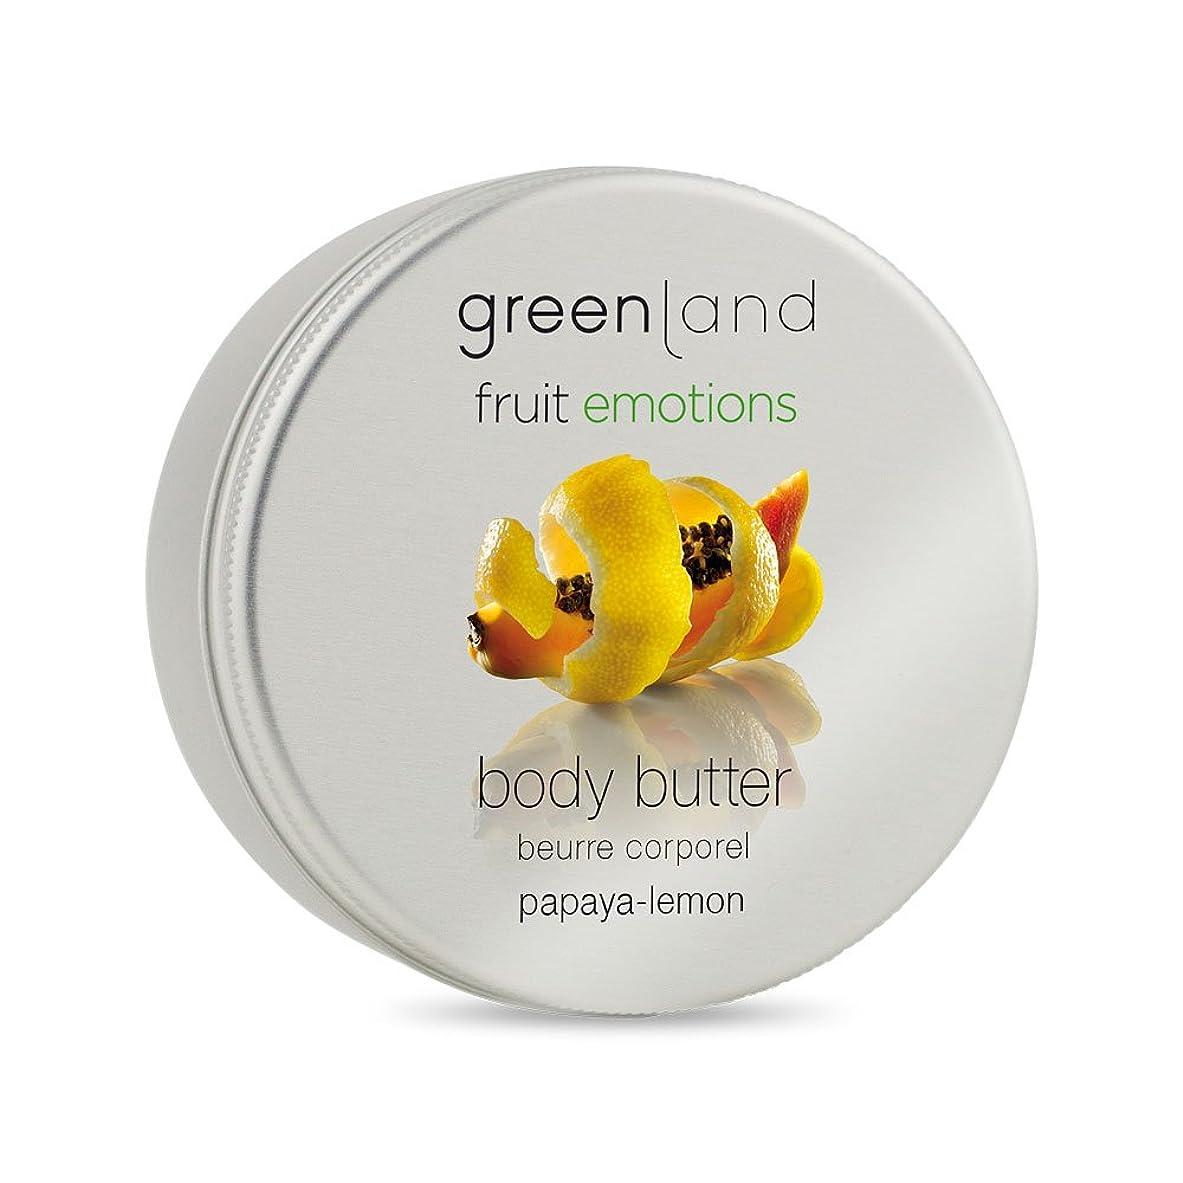 回路偽造greenland [FruitEmotions] ボディバター 120ml パパイア&レモン FE0431